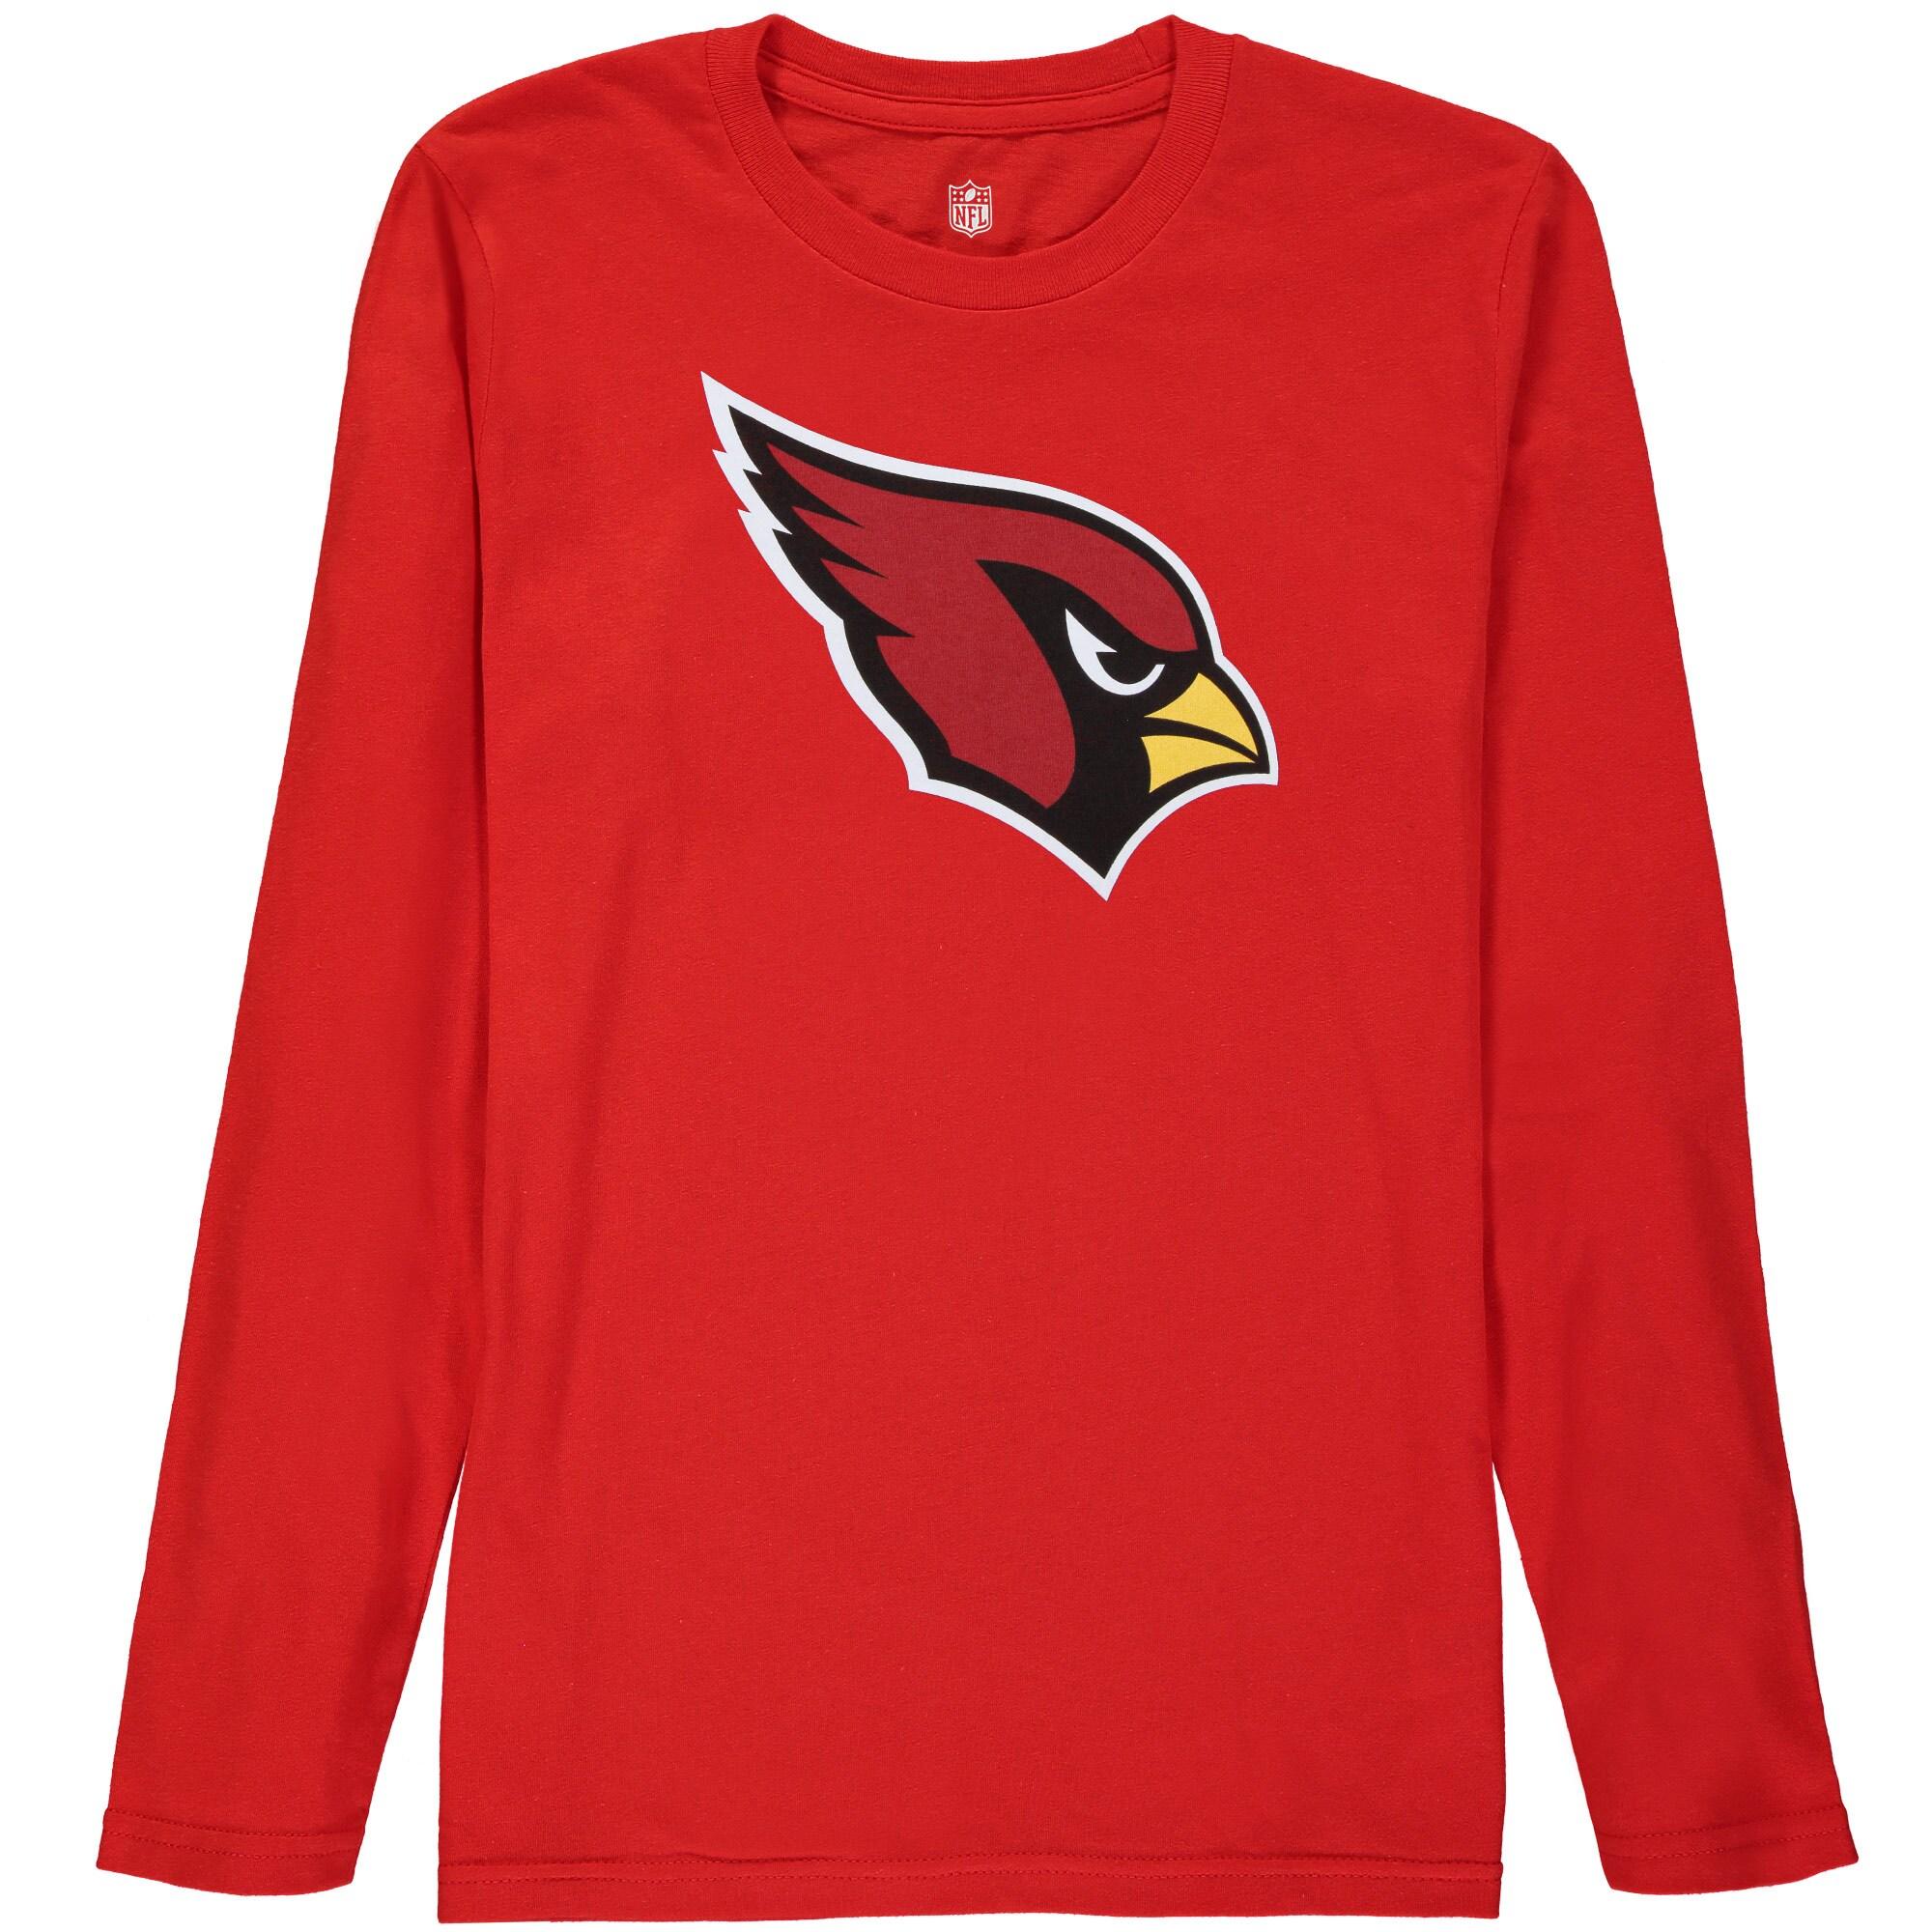 Arizona Cardinals Youth Team Logo Long Sleeve T-Shirt - Cardinal